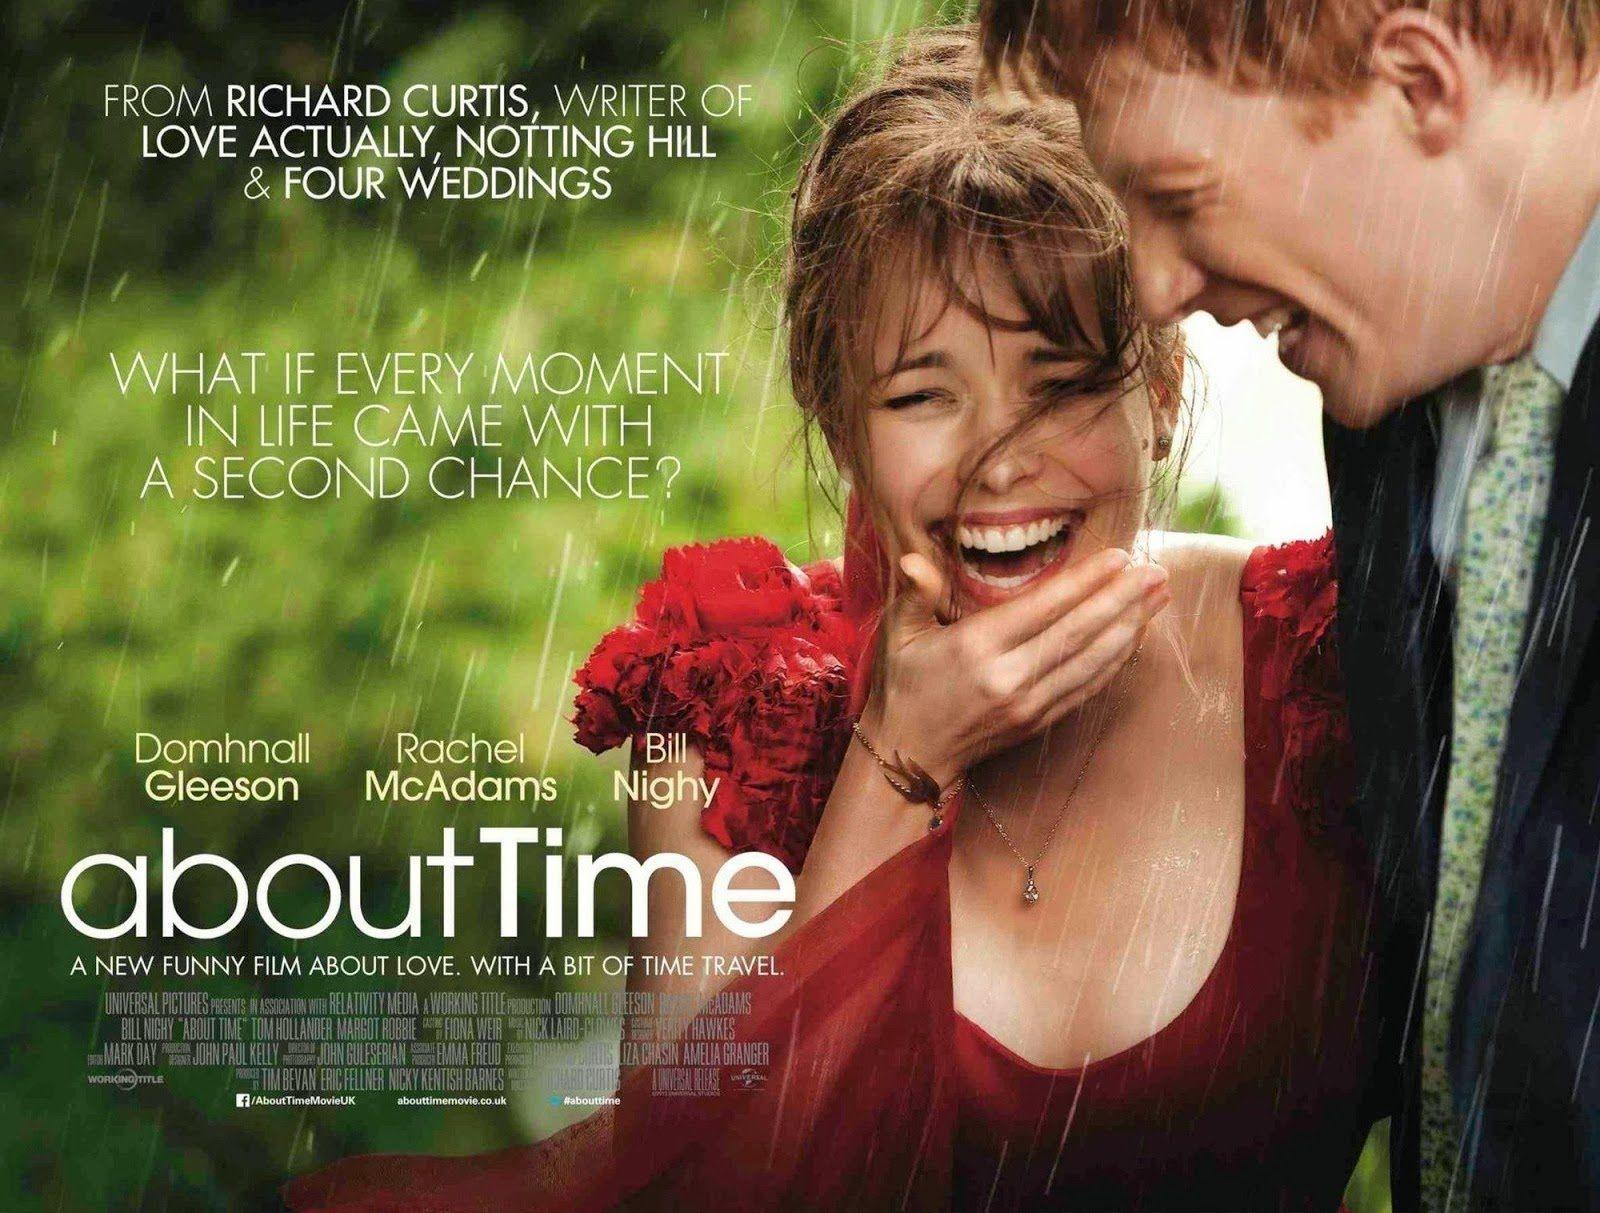 Questao De Tempo Filme Completo Dublado 2015 Lancamento Comedia Romantica Hd 720p Questao De Tempo Filme Filmes Completos Melhores Filmes